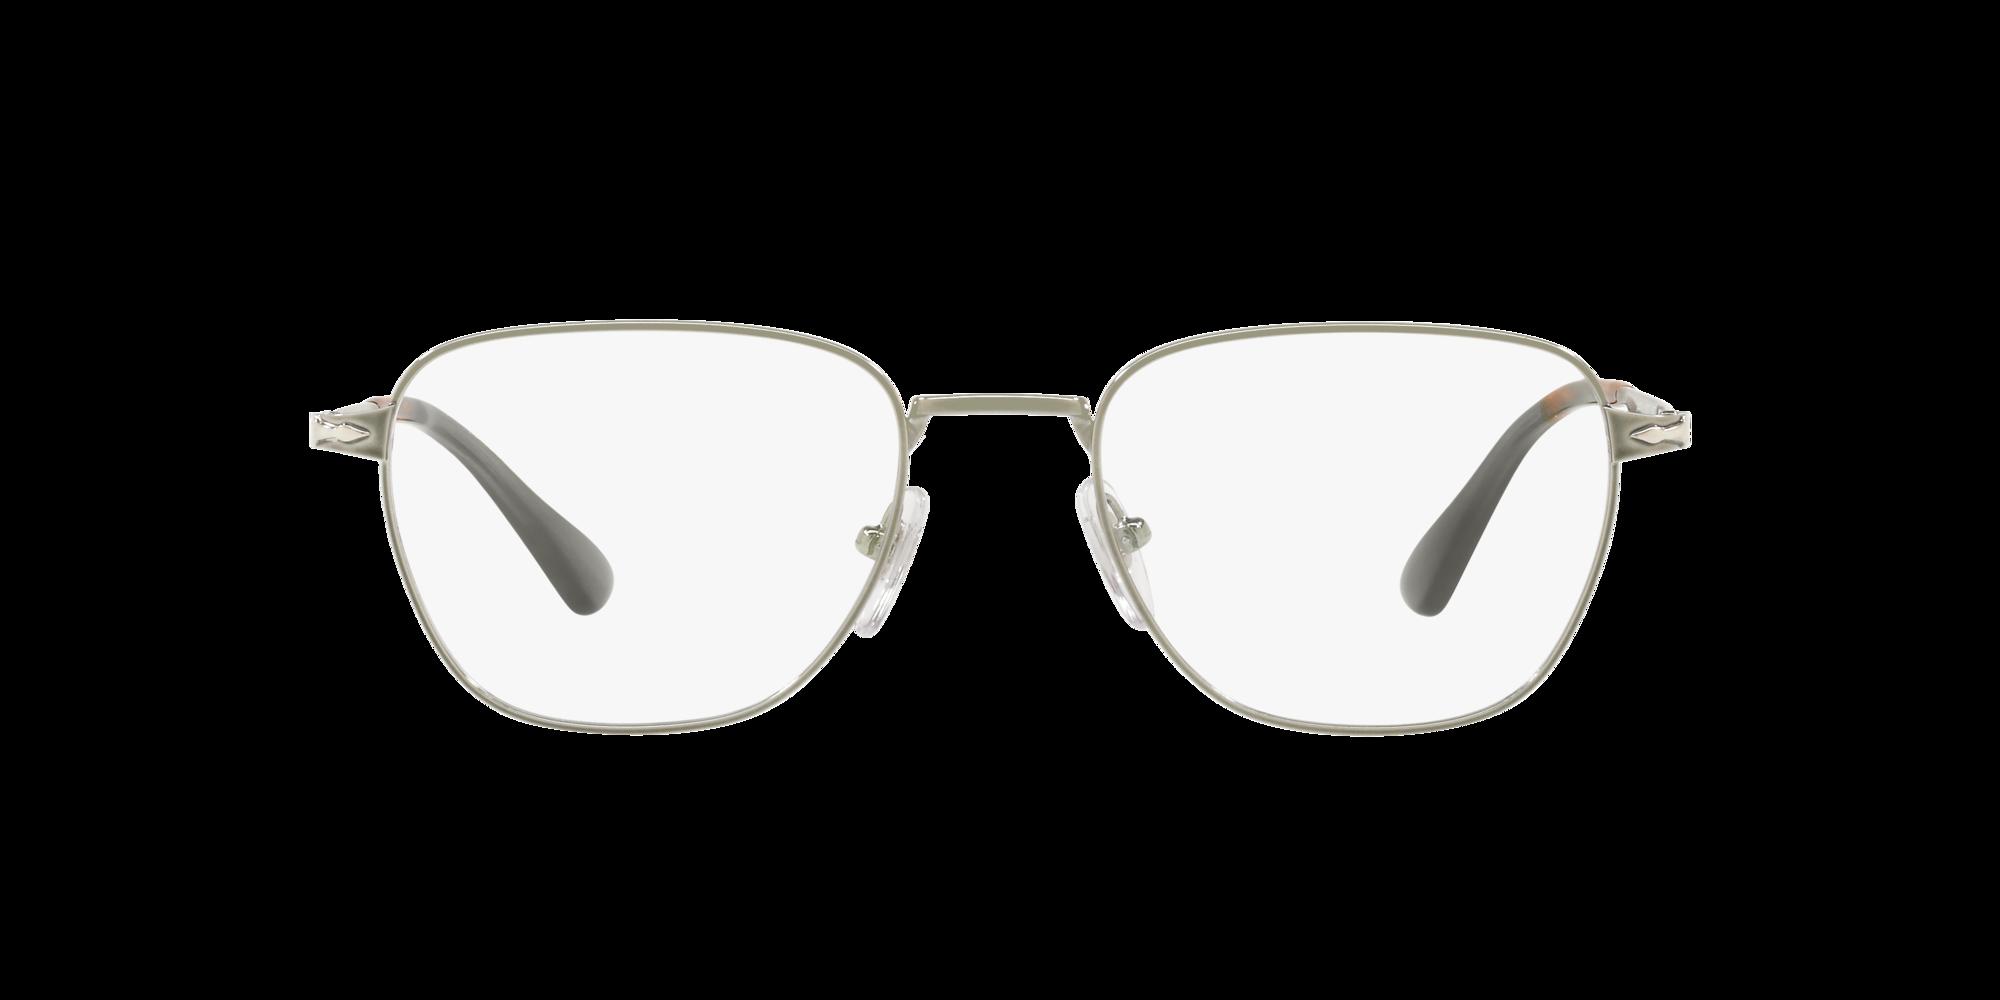 Imagen para PO2447V de LensCrafters |  Espejuelos, espejuelos graduados en línea, gafas